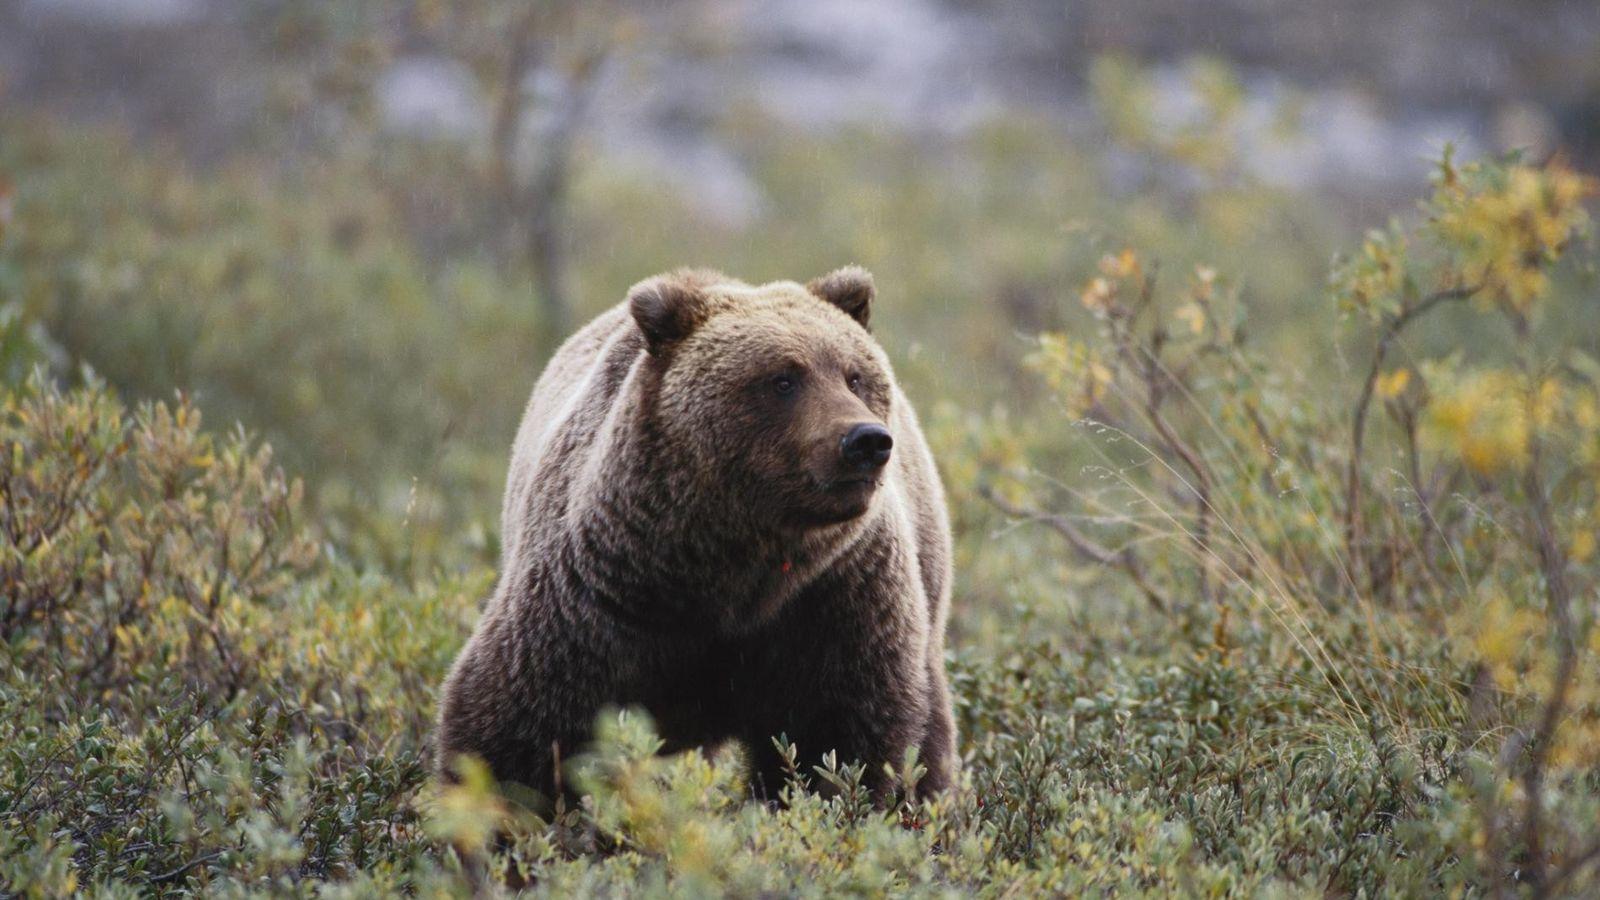 Ce grizzli, également connu sous le nom d'ours brun d'Amérique du Nord, détecte la nourriture ou ...